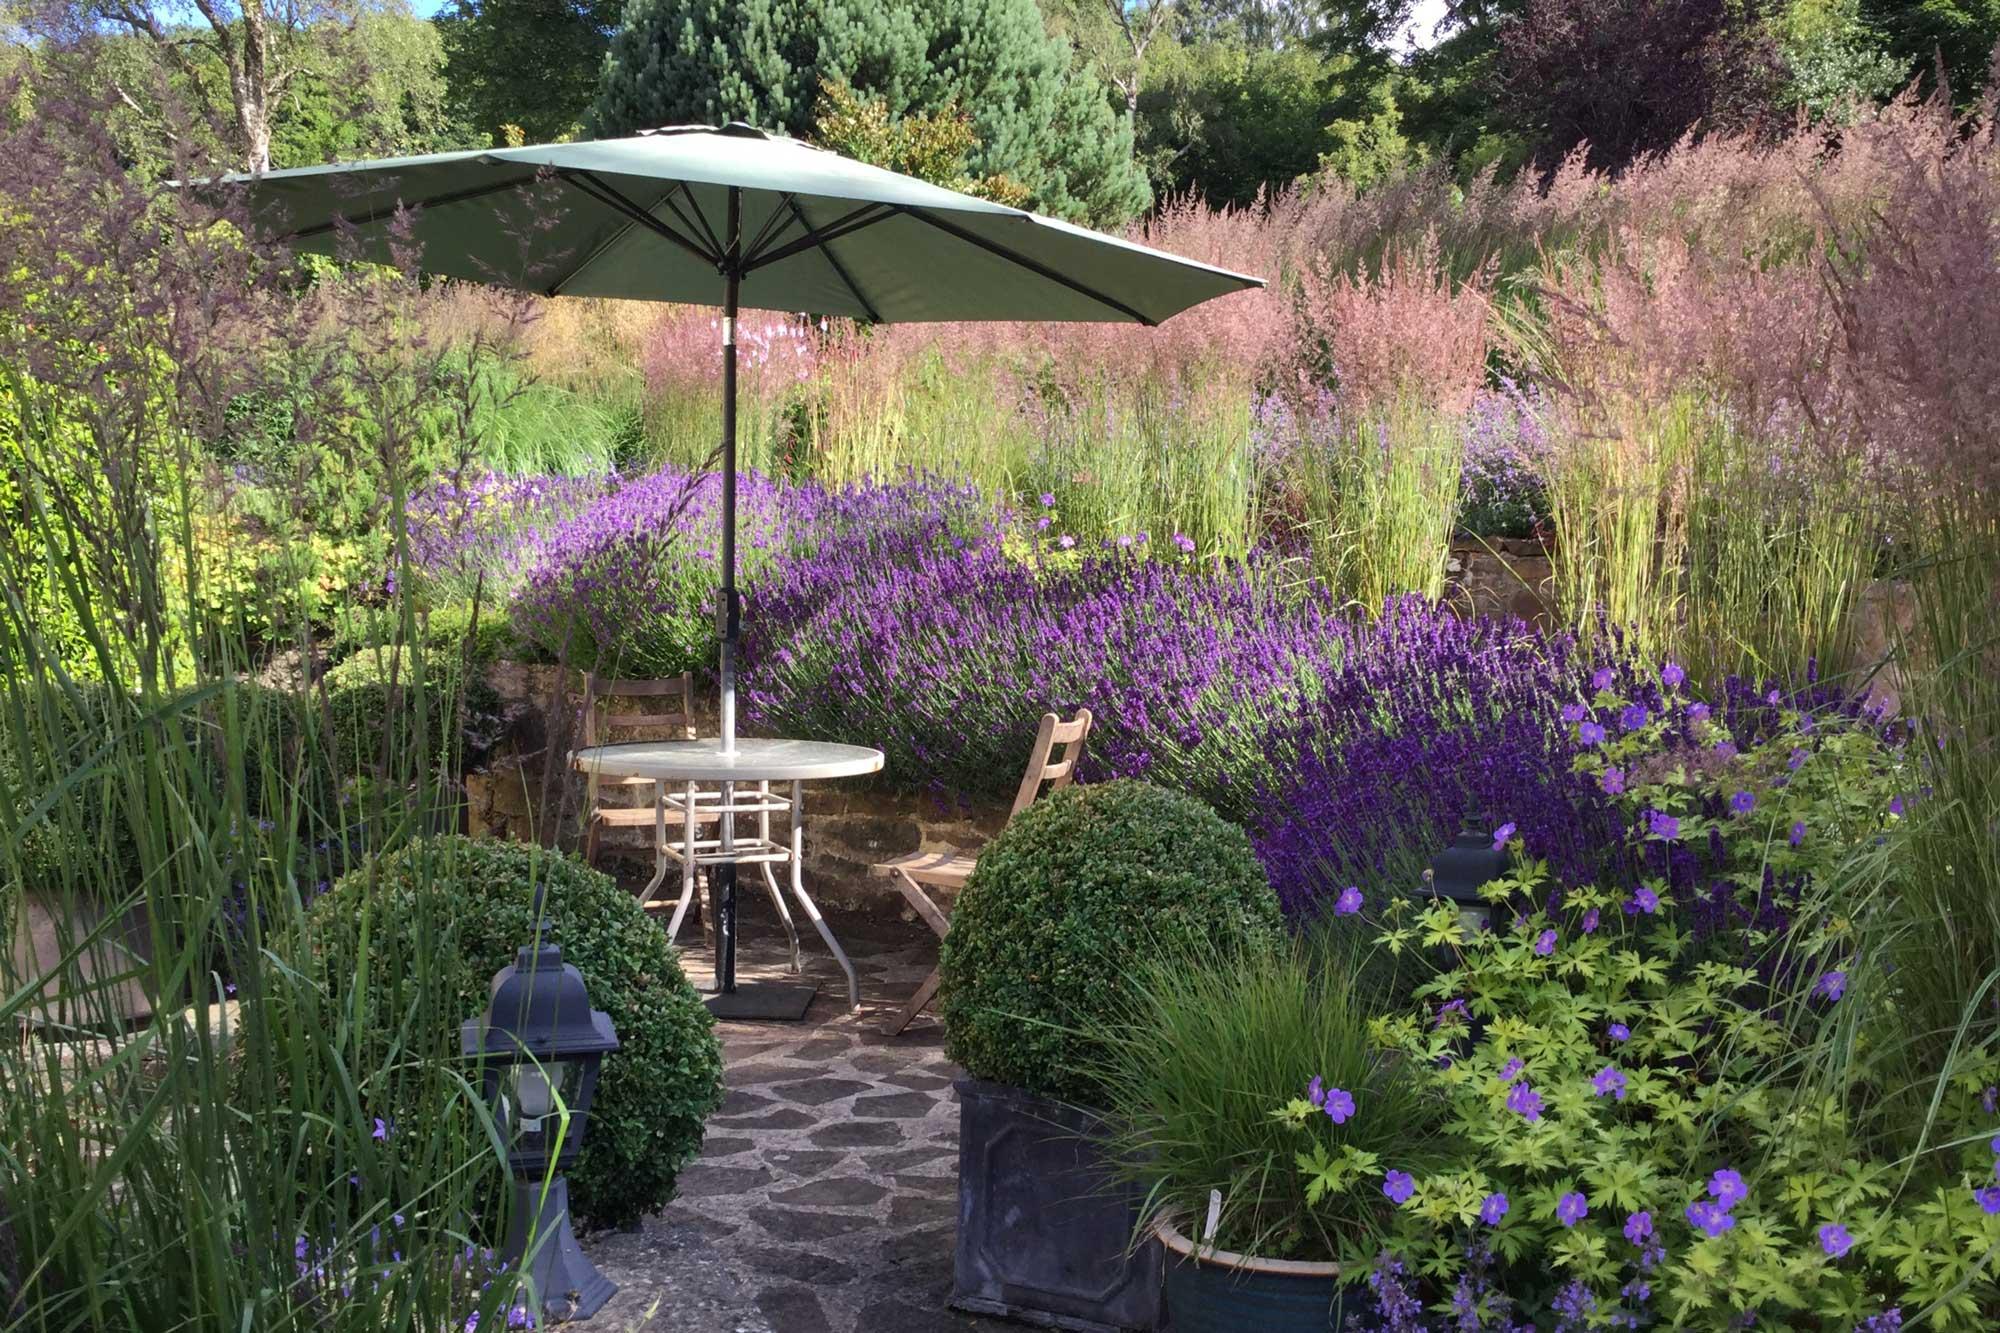 Planiranje vrta: Priprema za proljetno uređenje okućnice smještajnog objekta - lavanda